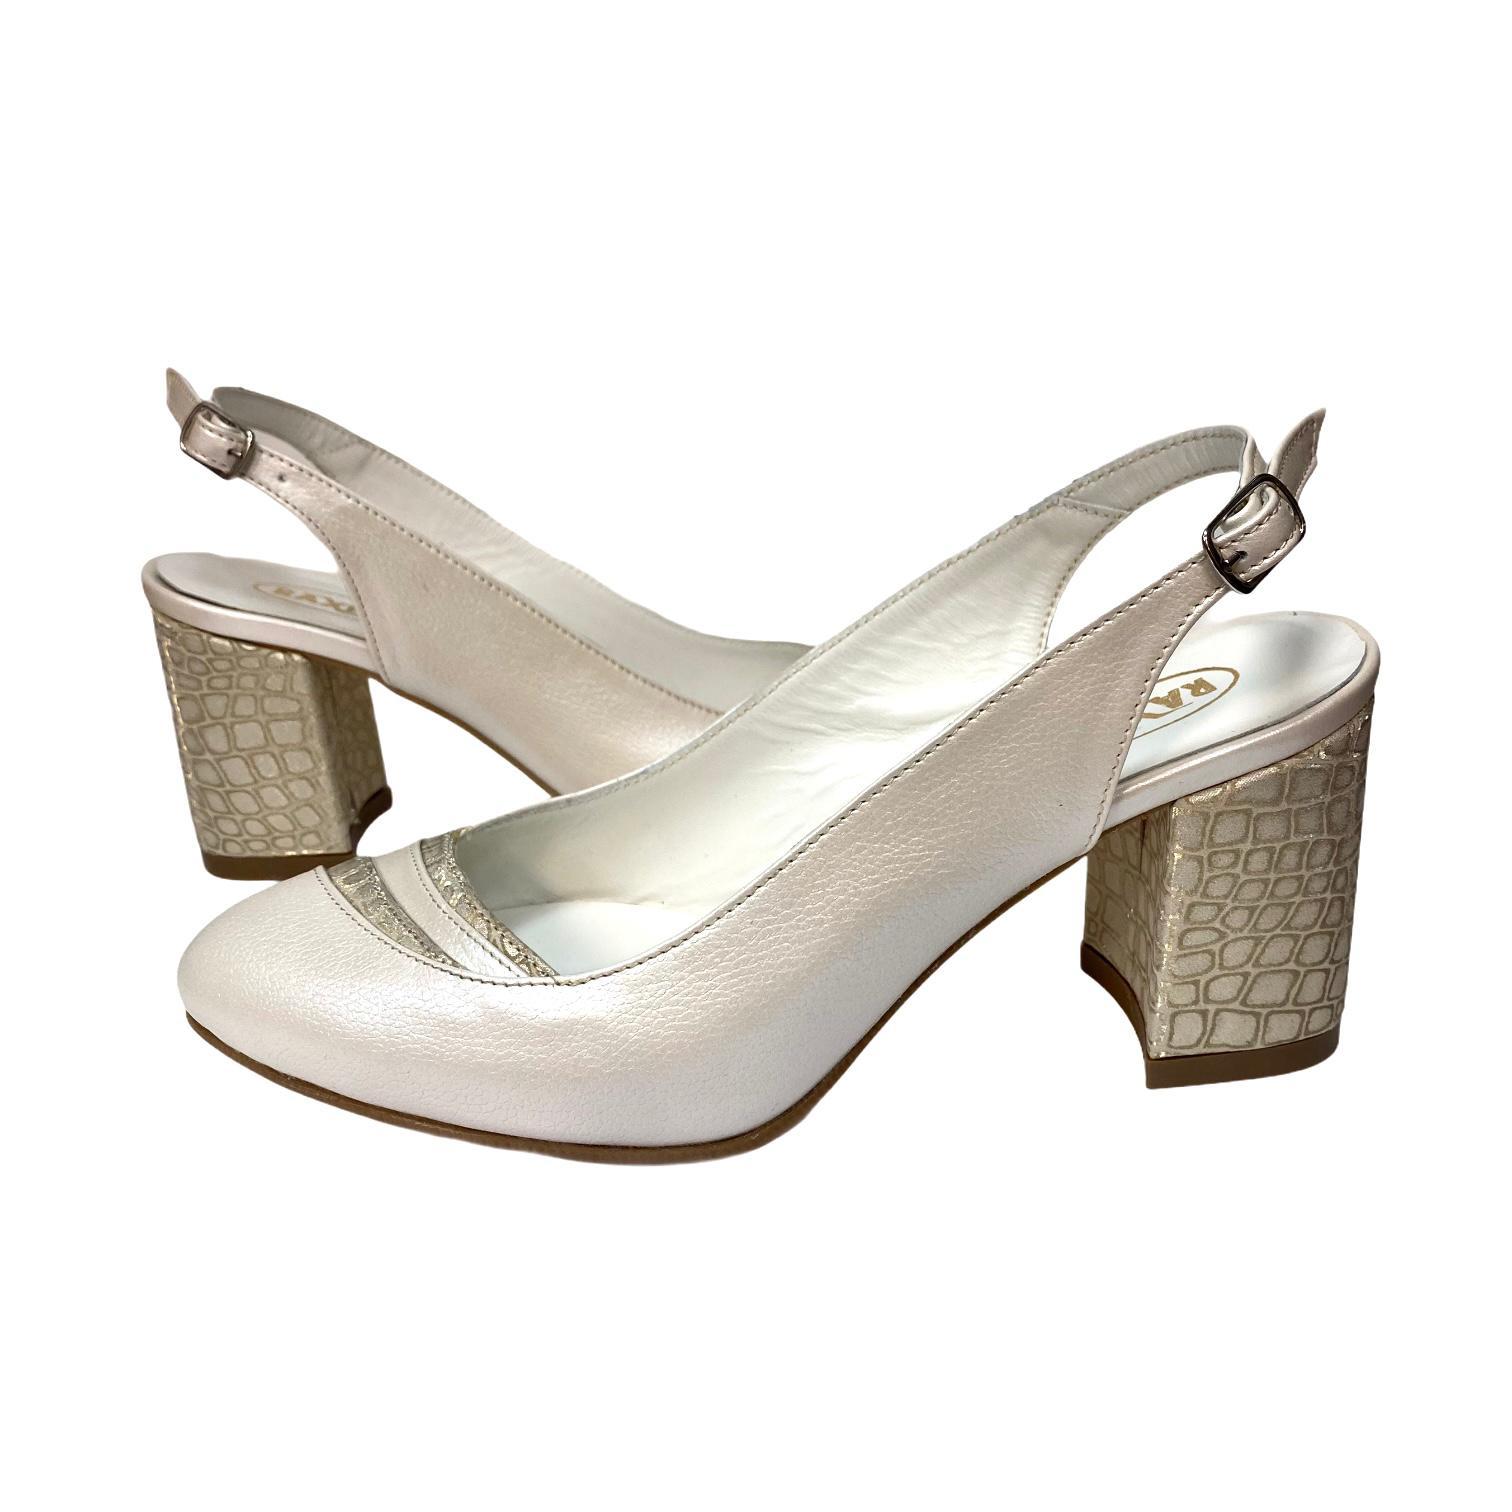 Pantofi decupati argintii cu detaliu si toc cu imprimeu